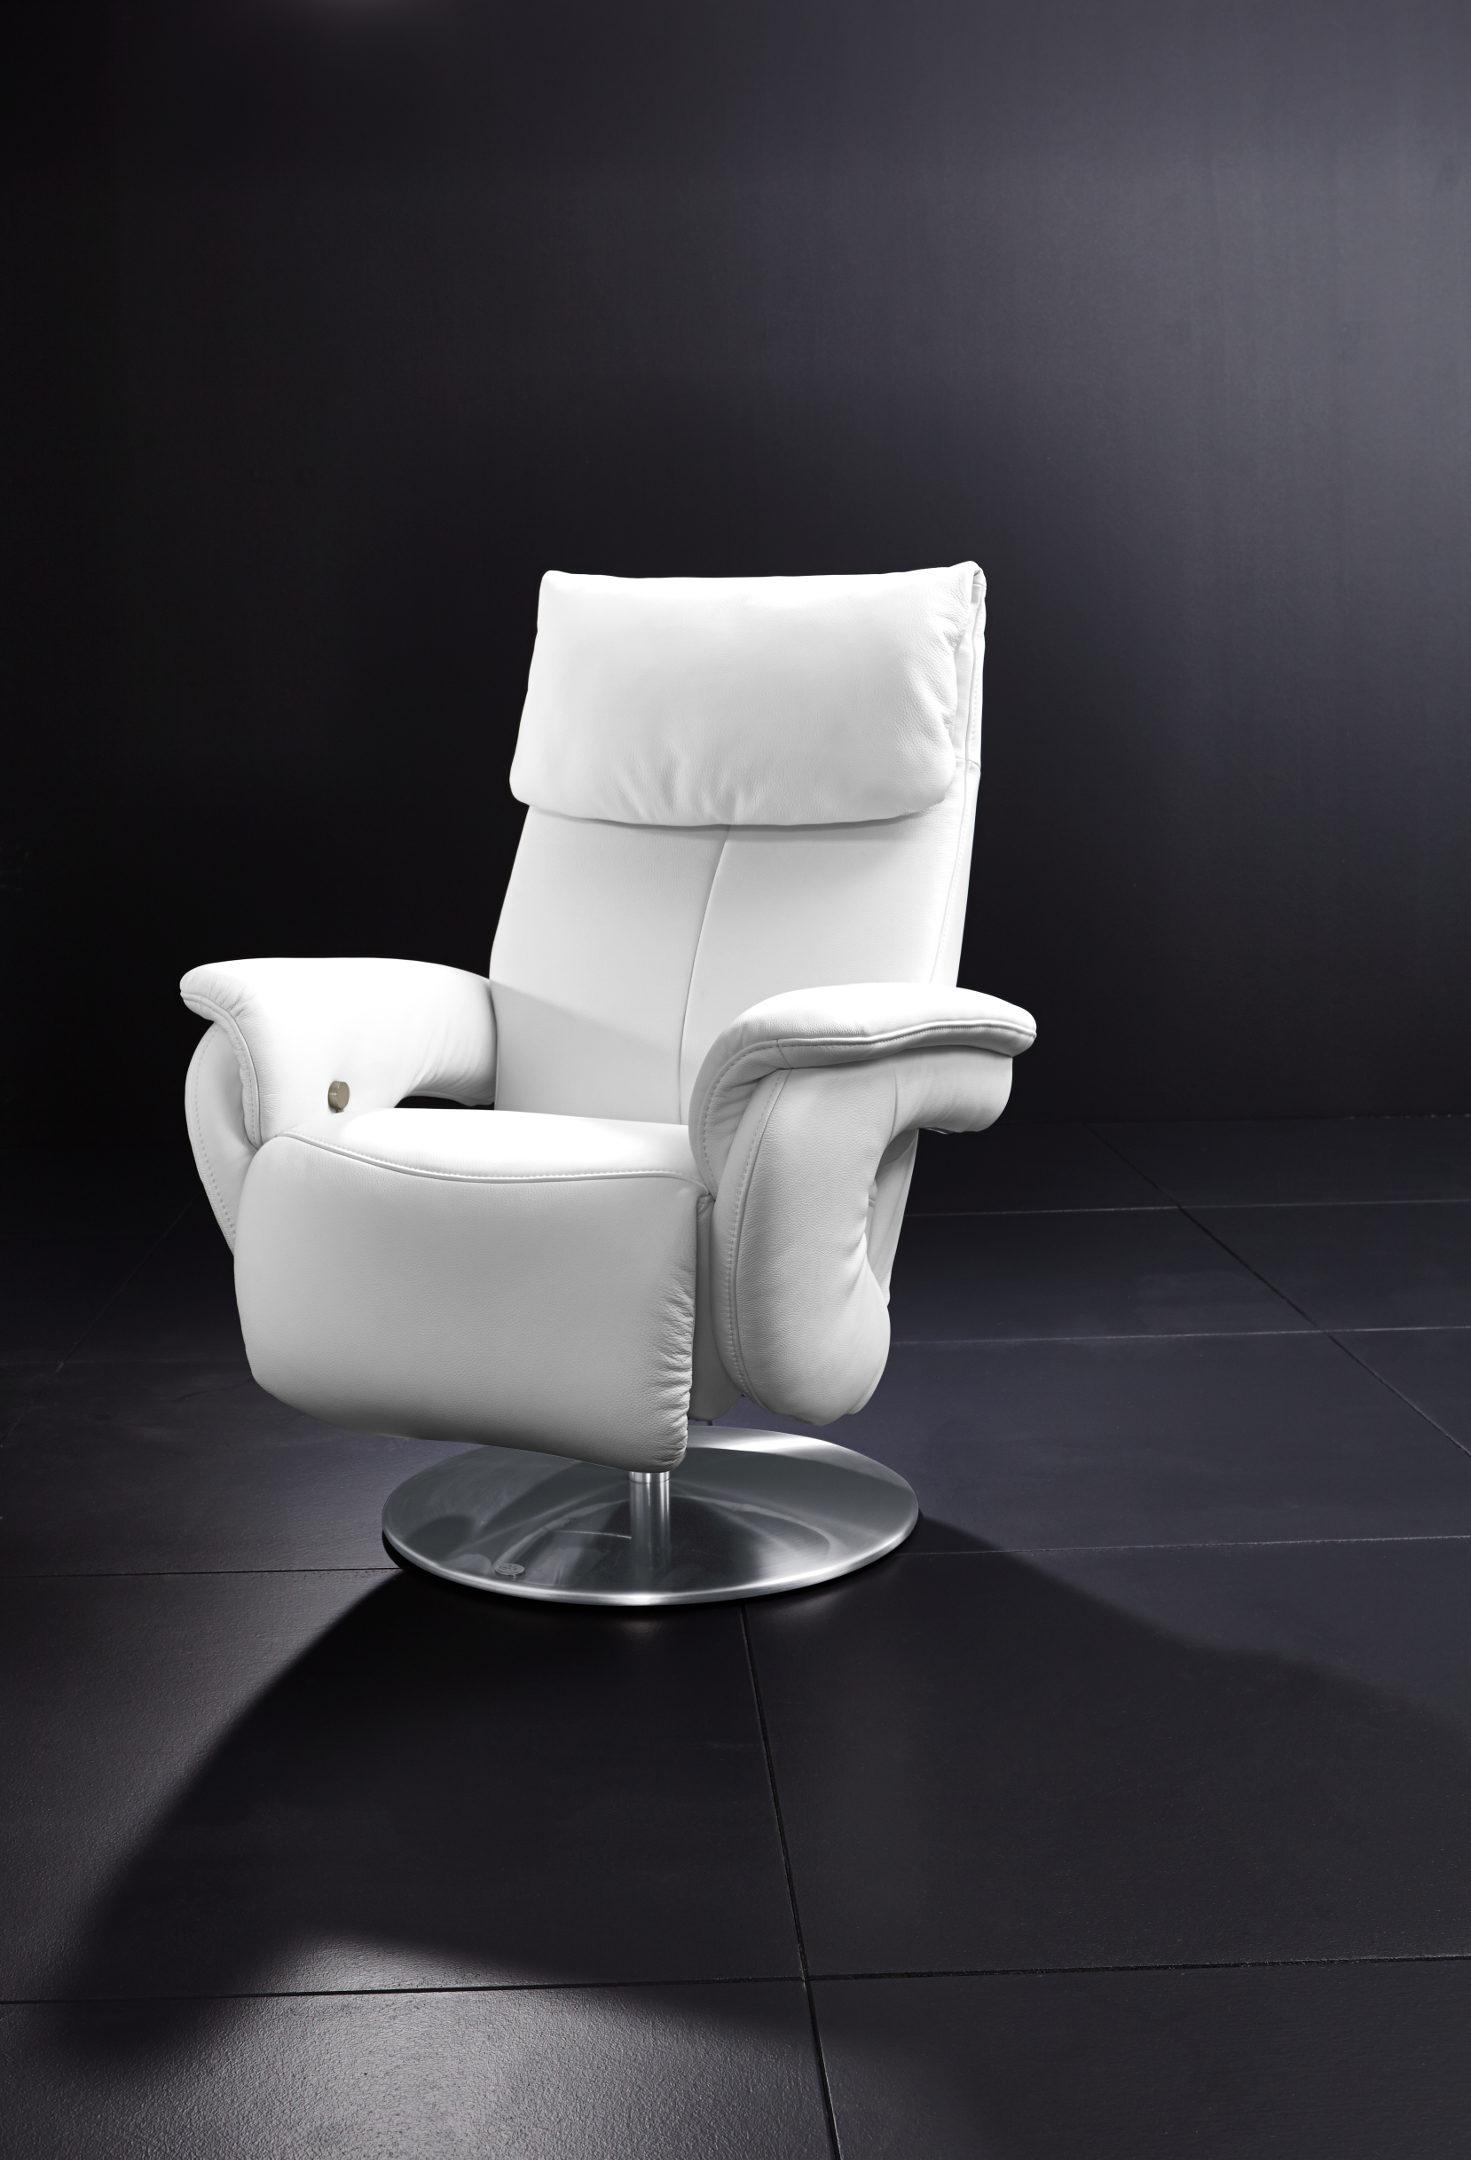 möbel bernskötter mülheim | räume | wohnzimmer | sessel + hocker ... - Wohnzimmer Sessel Modern